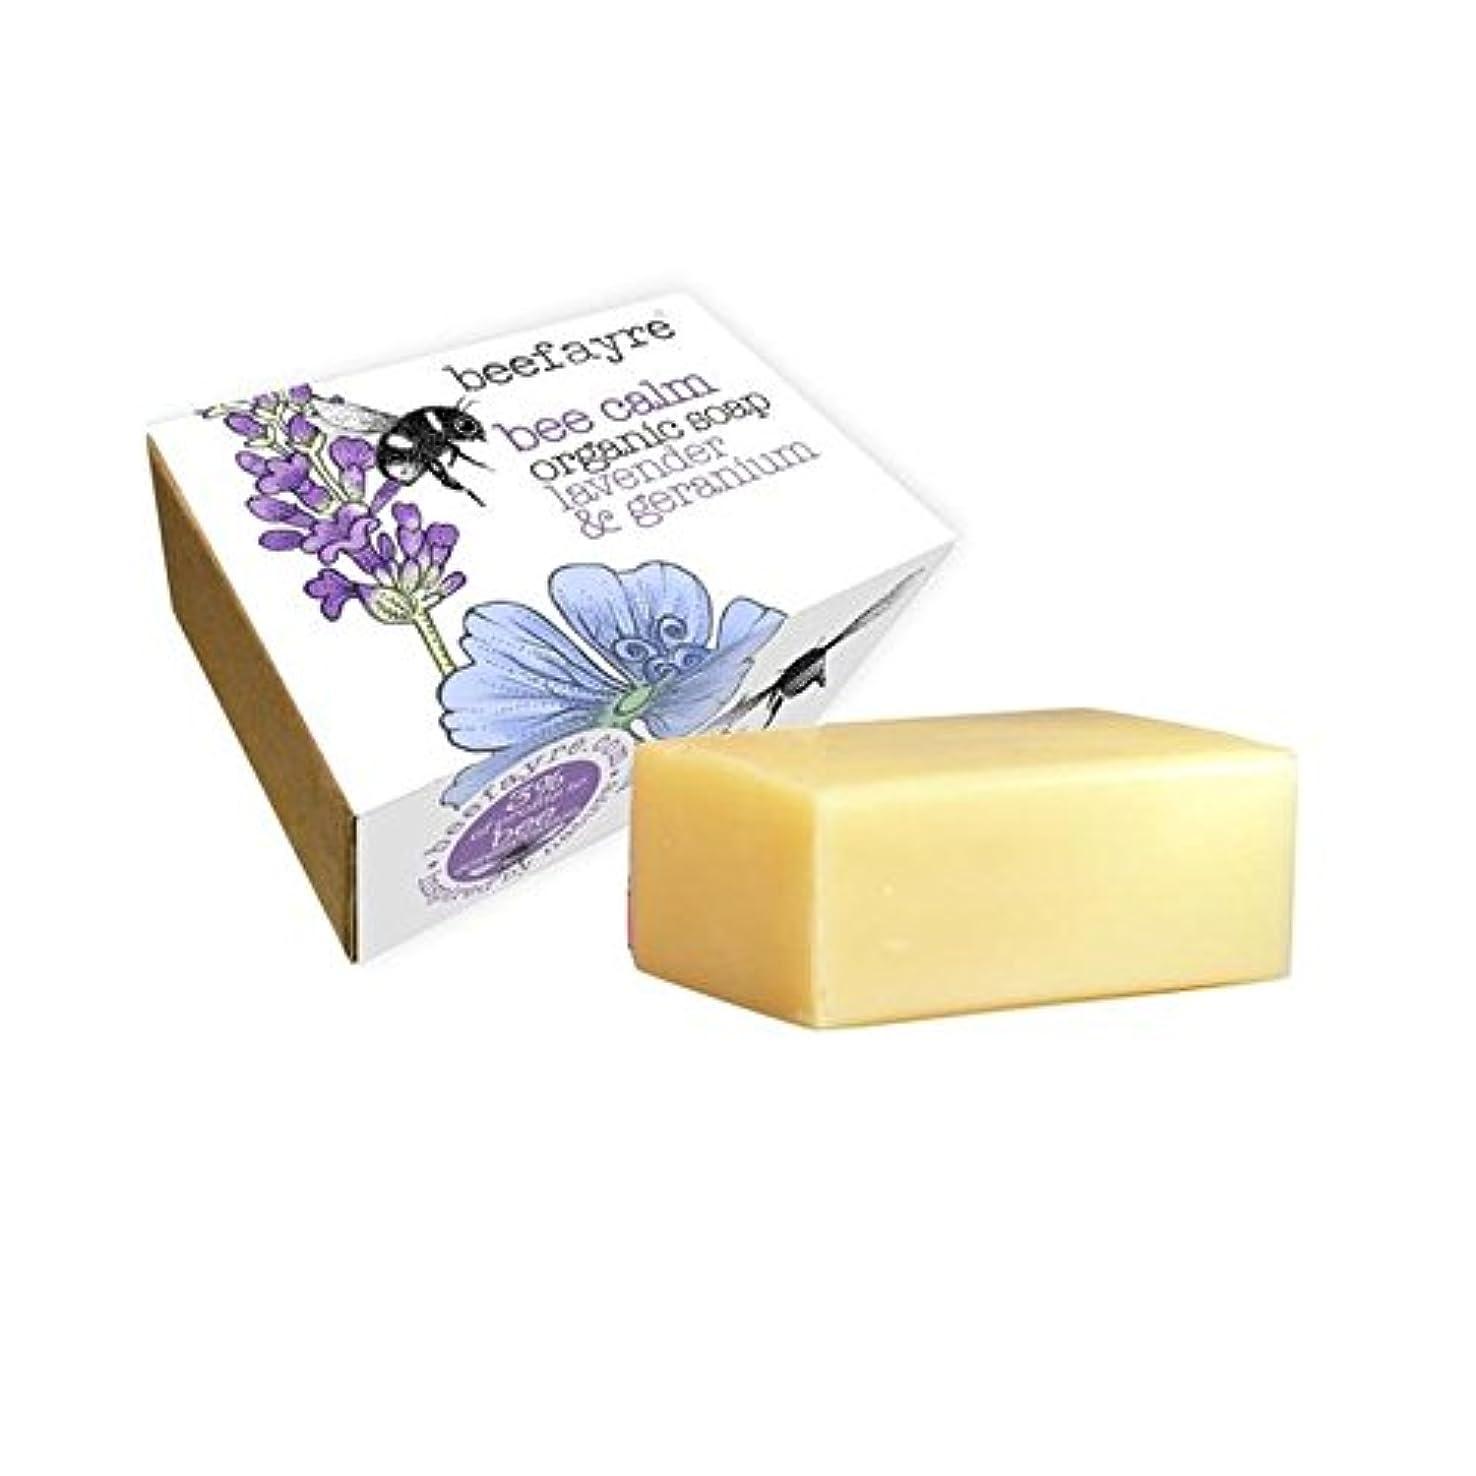 気を散らすエミュレートするバンクBeefayre Organic Geranium & Lavender Soap - 有機ゼラニウム&ラベンダー石鹸 [並行輸入品]